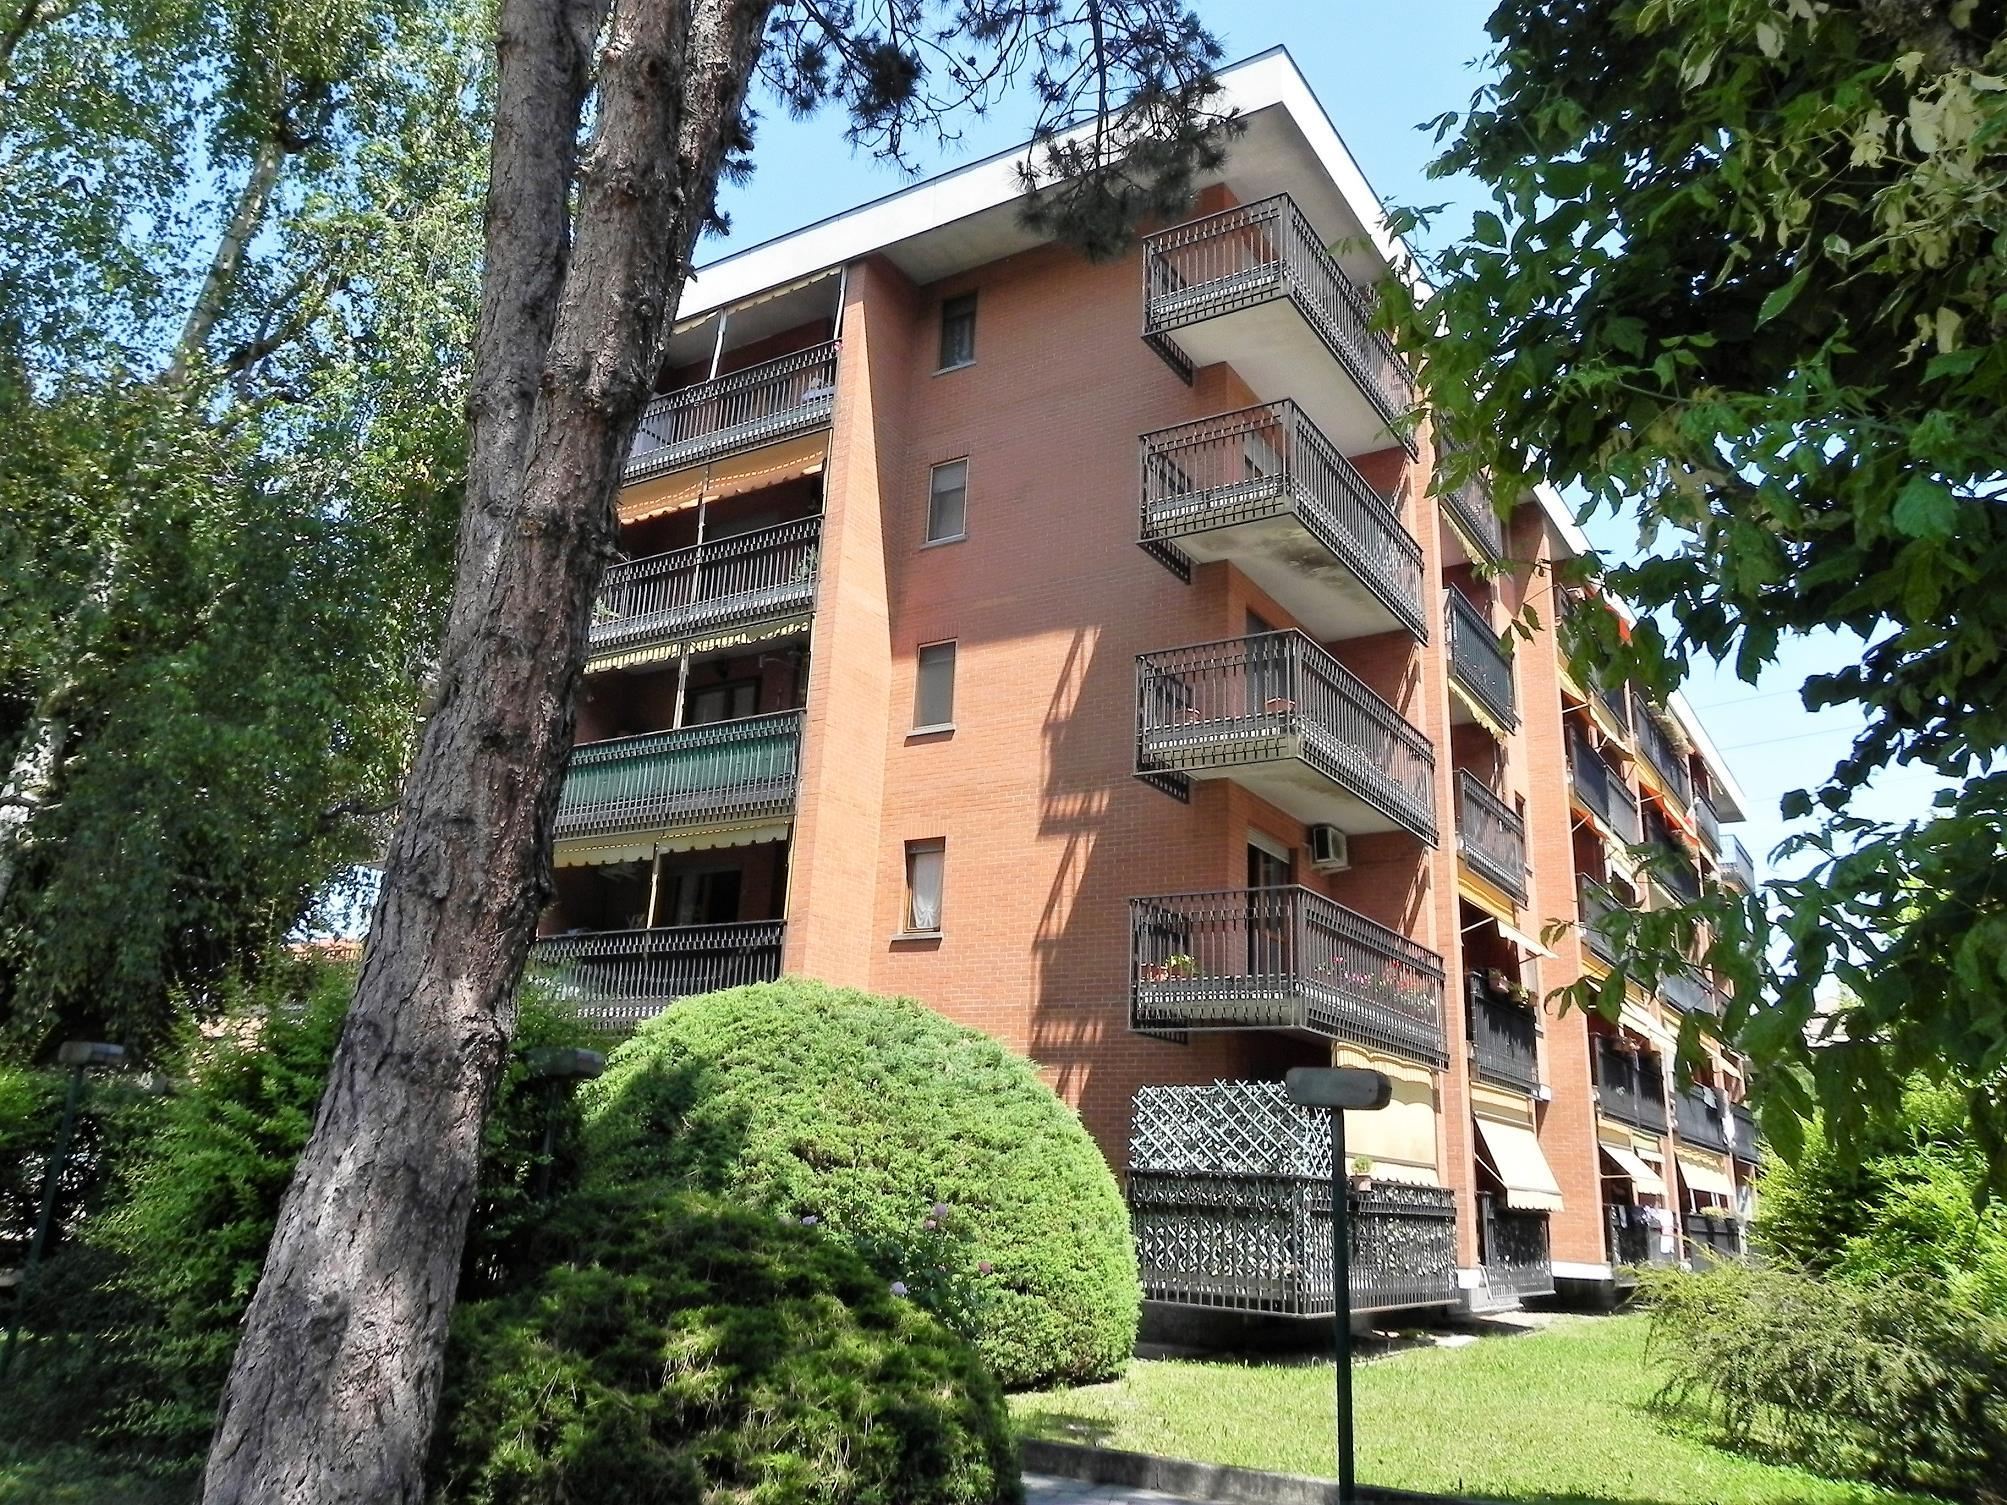 SAN MAURO T.SE – Appartamento mq. 75